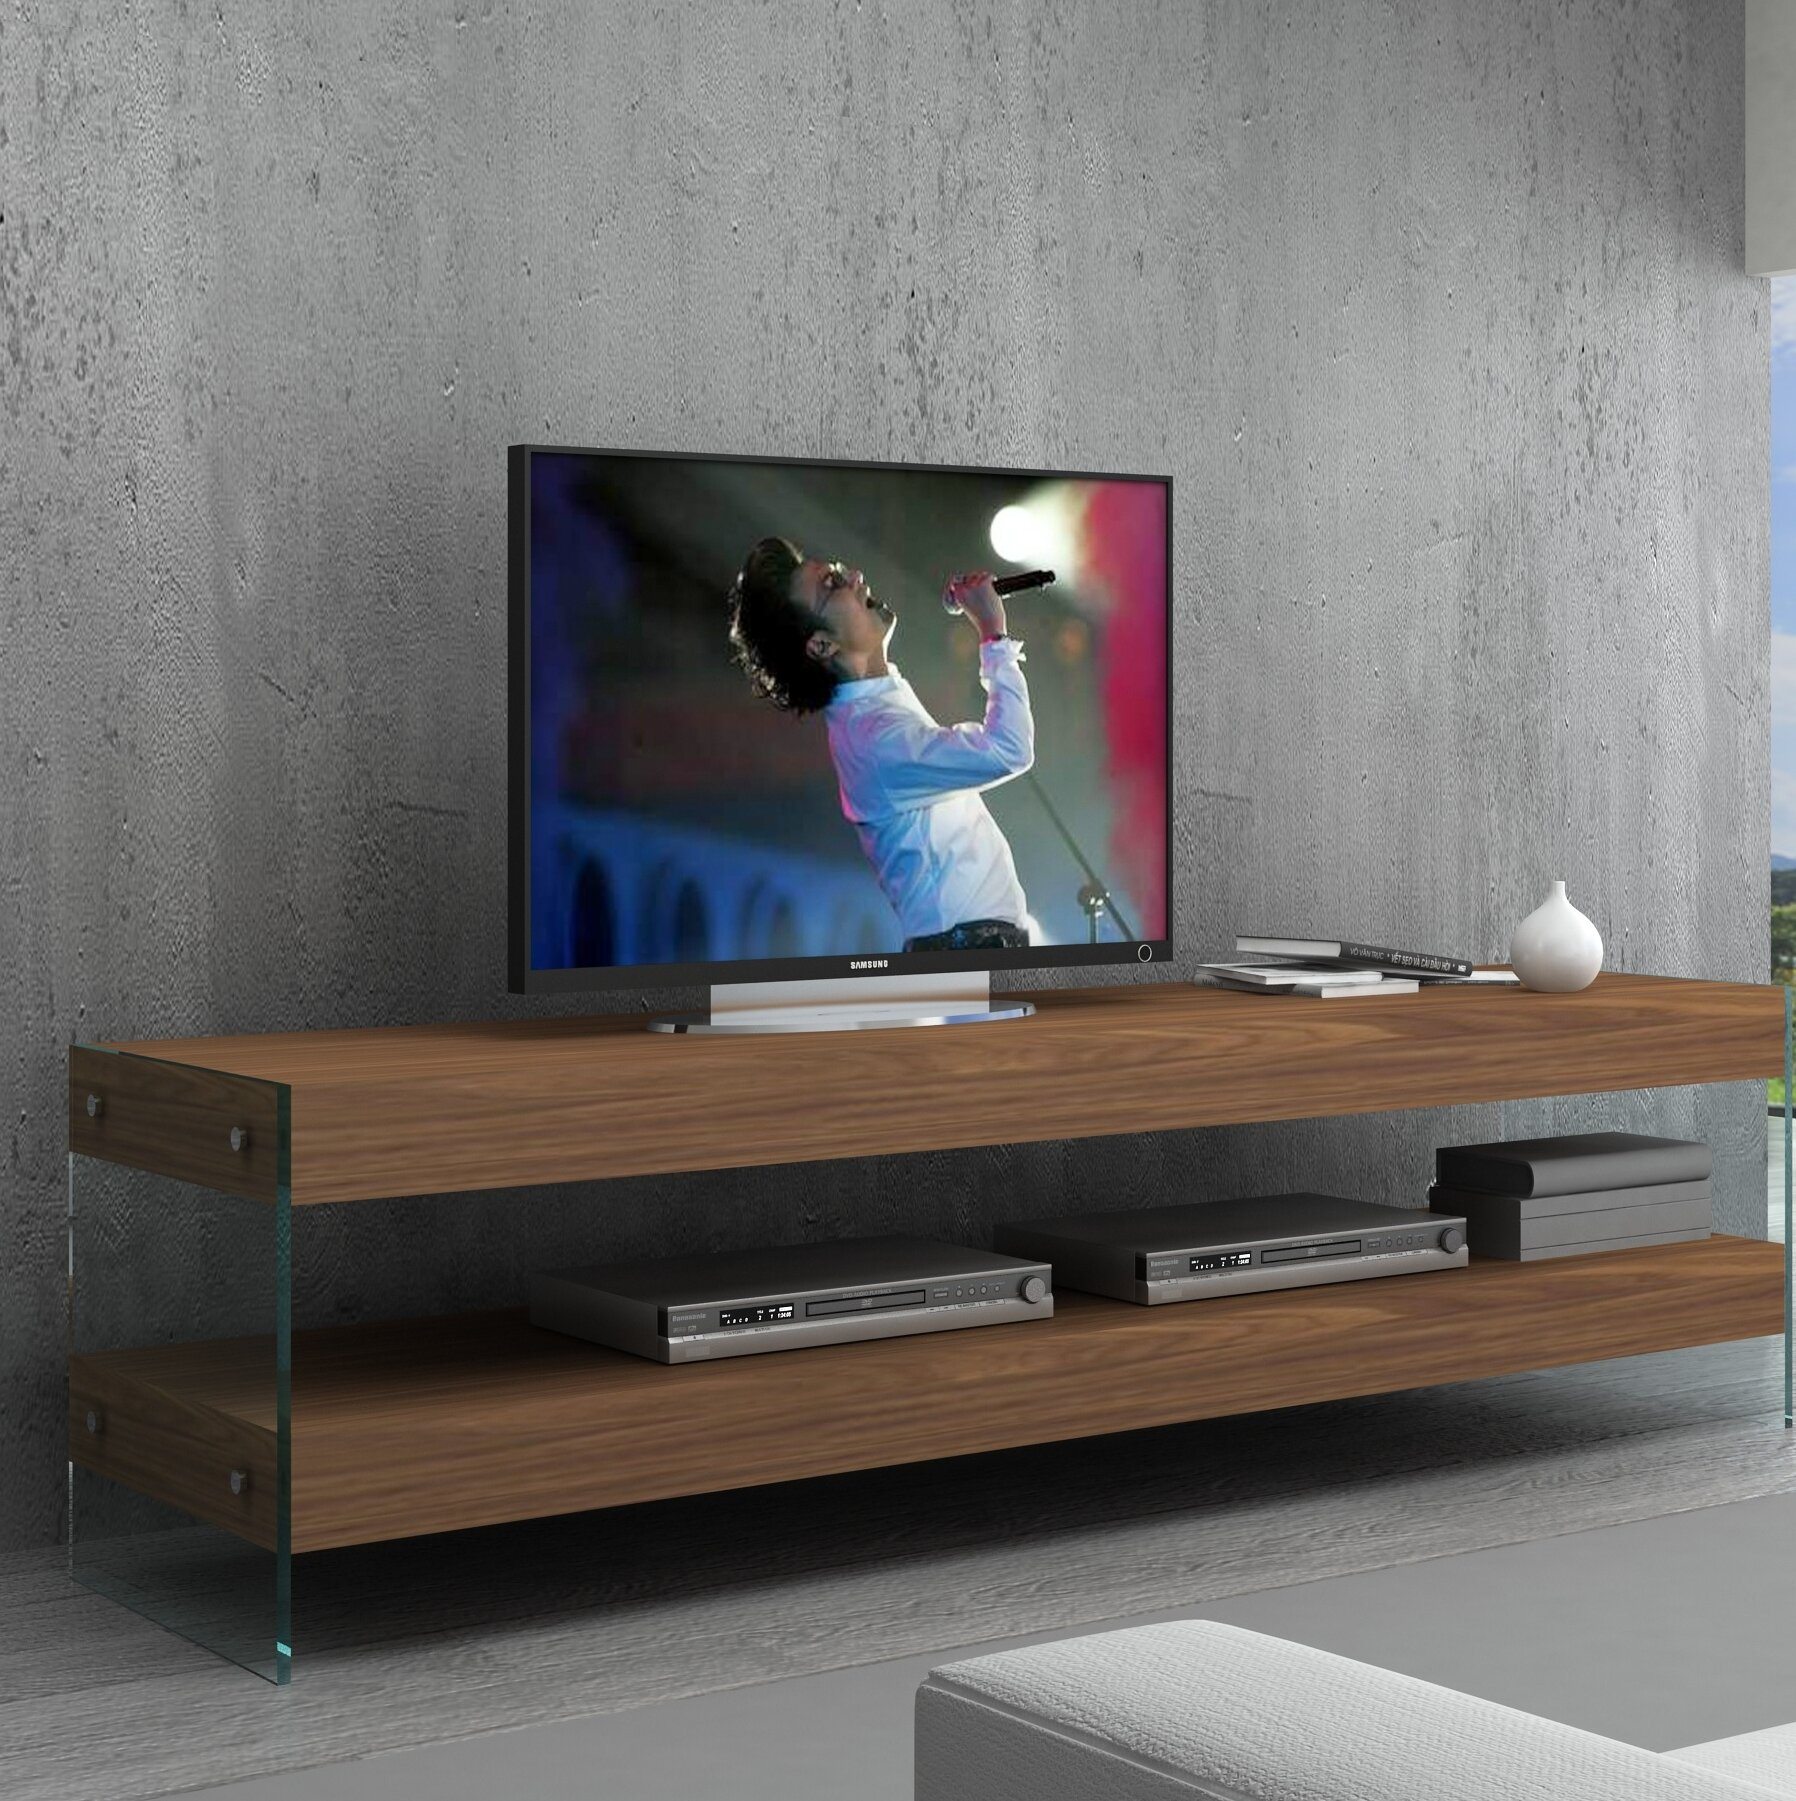 Brayden Studio Akbez Tv Stand For Tvs Up To 65 Reviews Wayfair